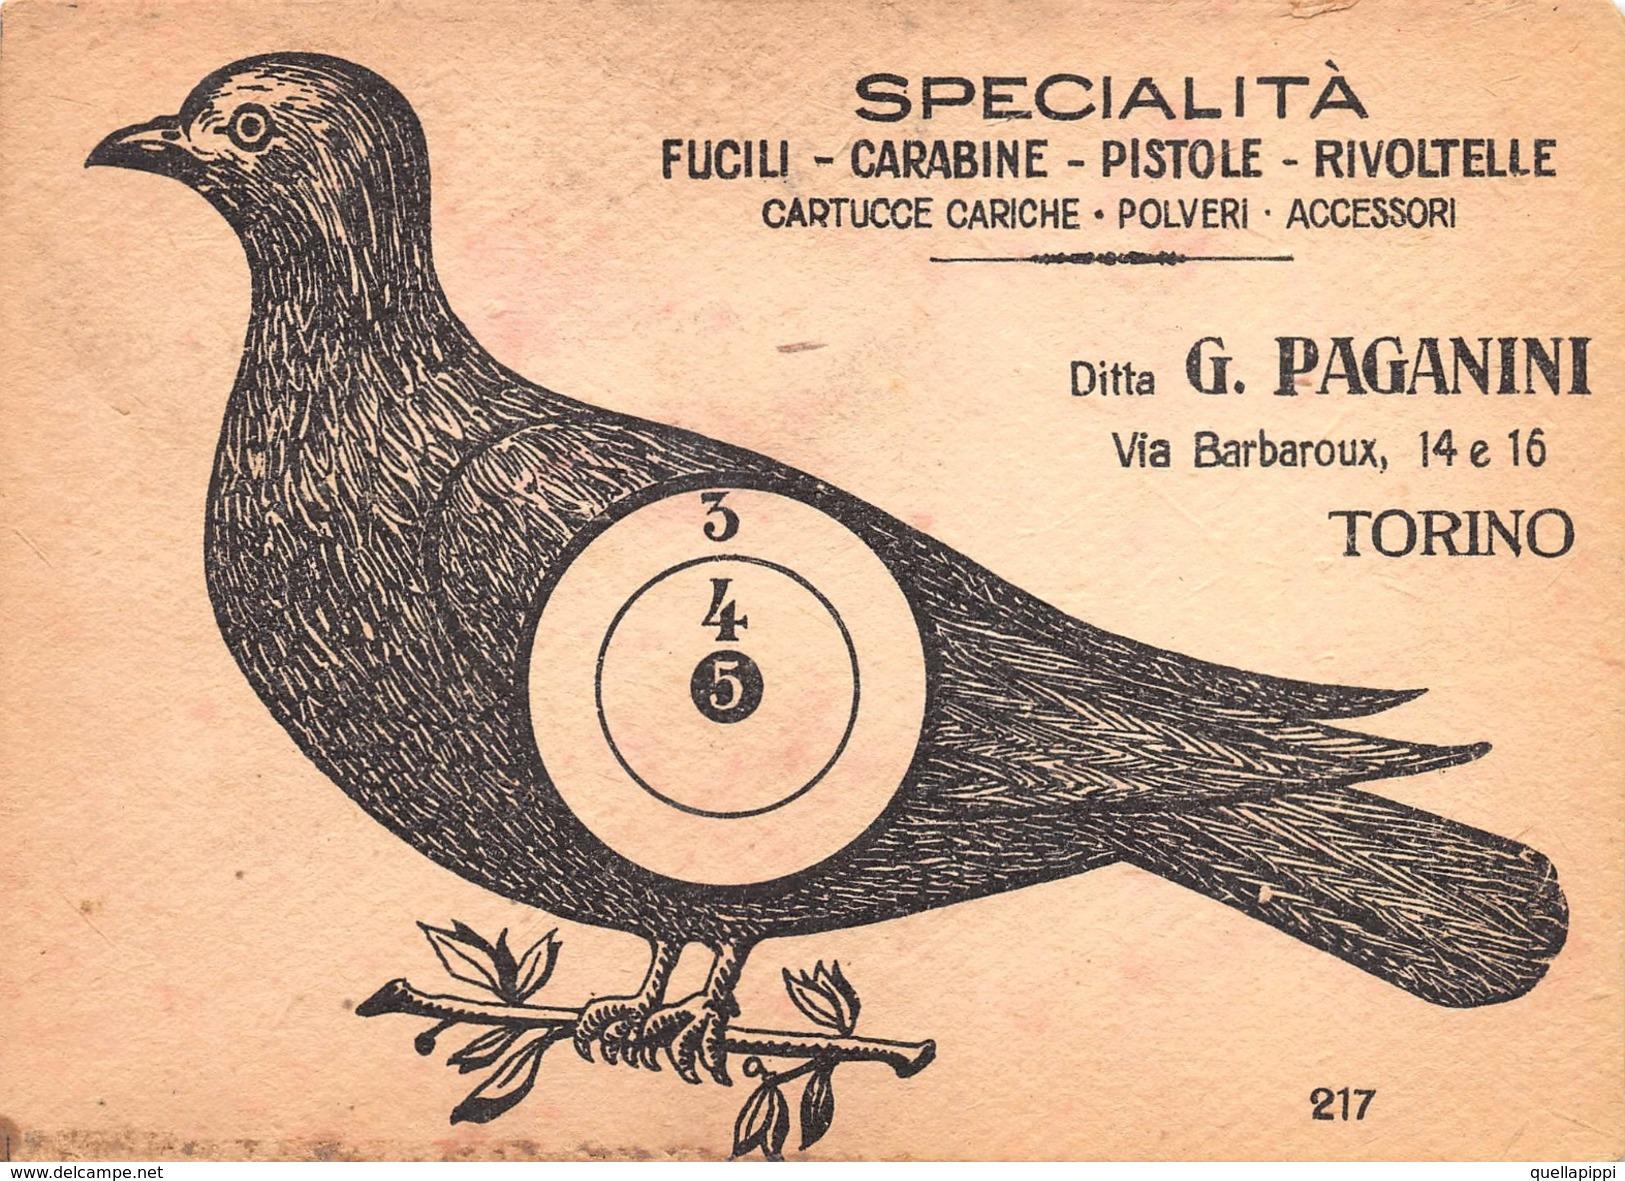 """05863 """"DITTA G. PAGANINI-TORINO - SPECIALIT' FUCILI-CARABINE-CARTUCCE-ACCESSORI"""" CARTONCINO TIRO A SEGNO.  PUBBLICITARIO - Pubblicitari"""